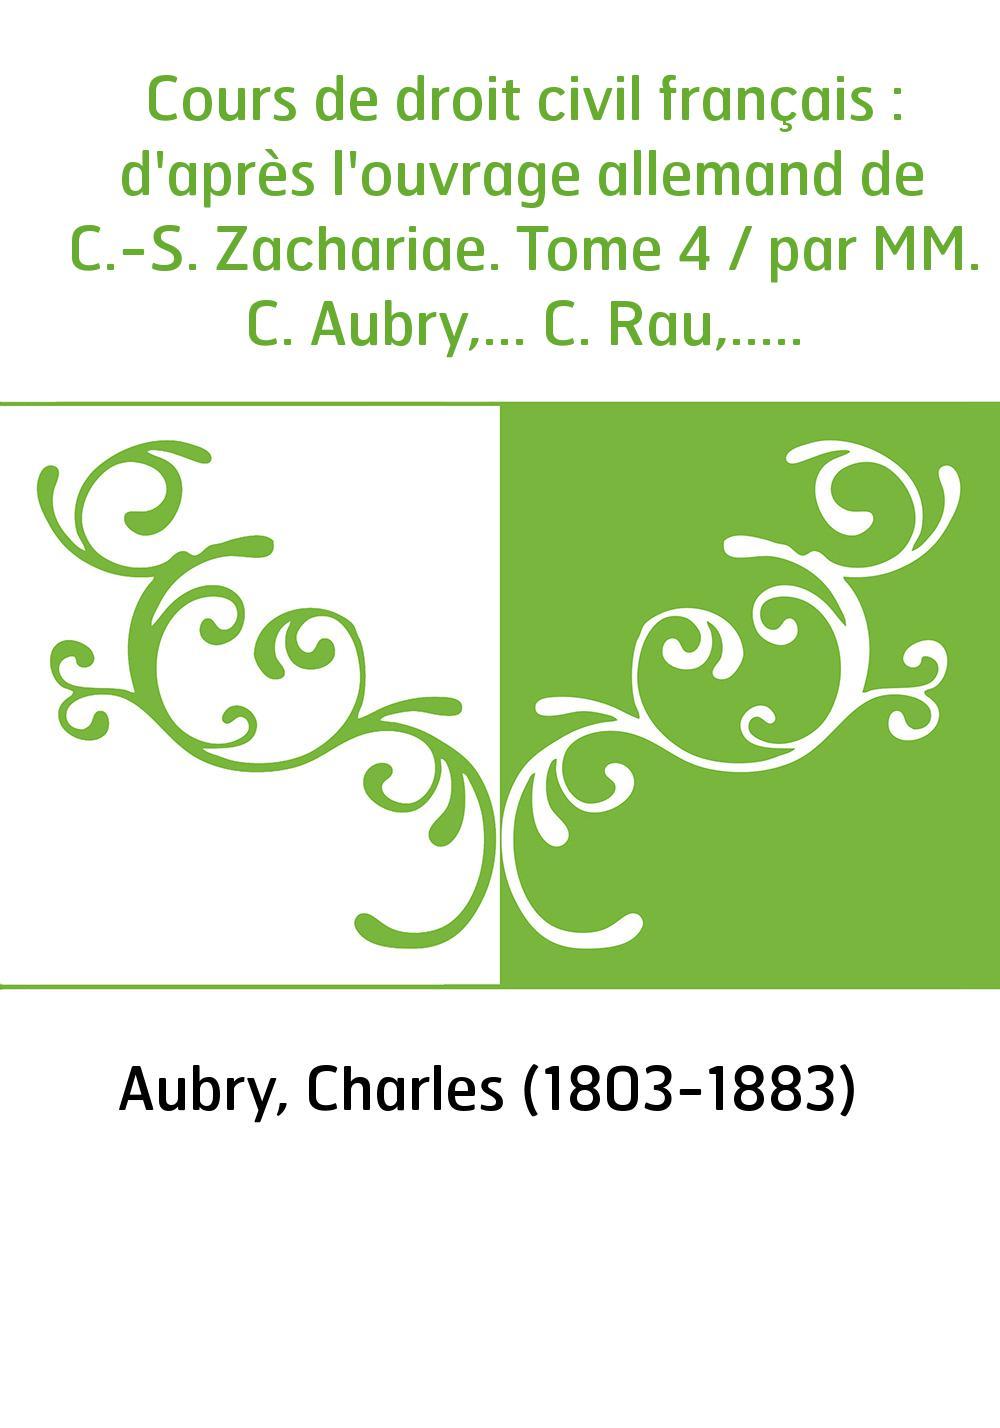 Cours de droit civil français : d'après l'ouvrage allemand de C.-S. Zachariae. Tome 4 / par MM. C. Aubry,... C. Rau,...